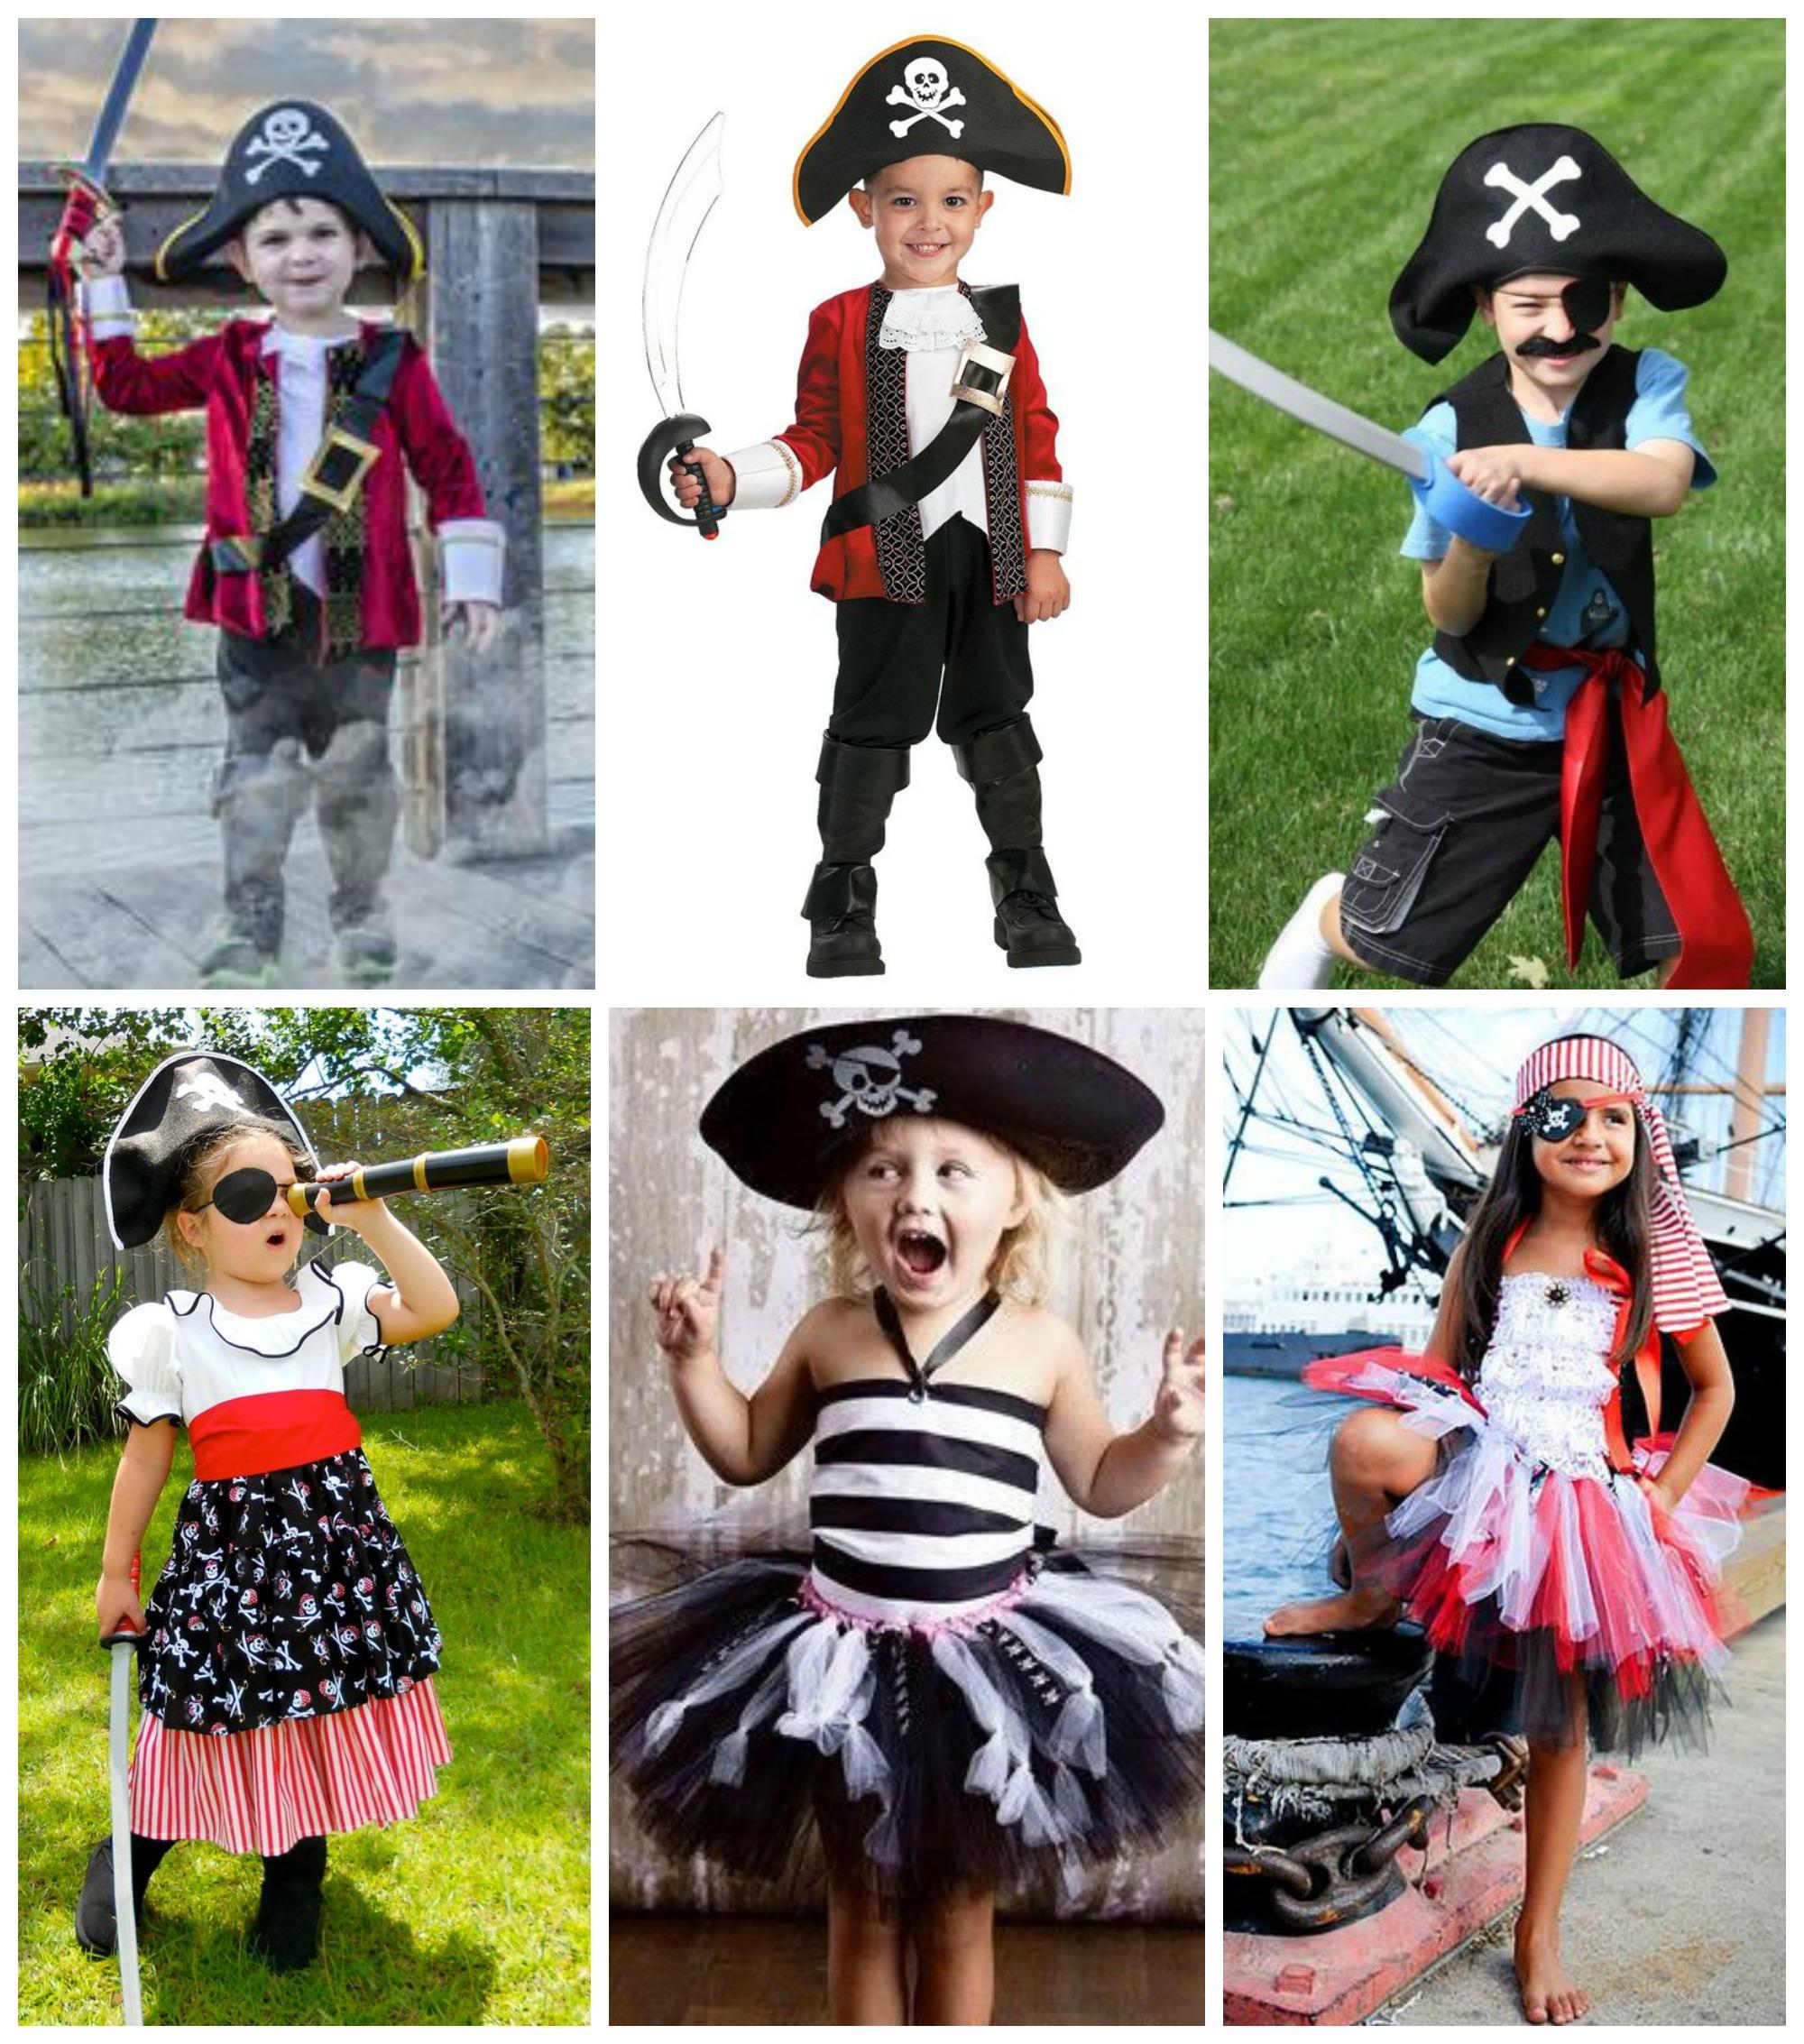 Dicas de fantasias de pirata